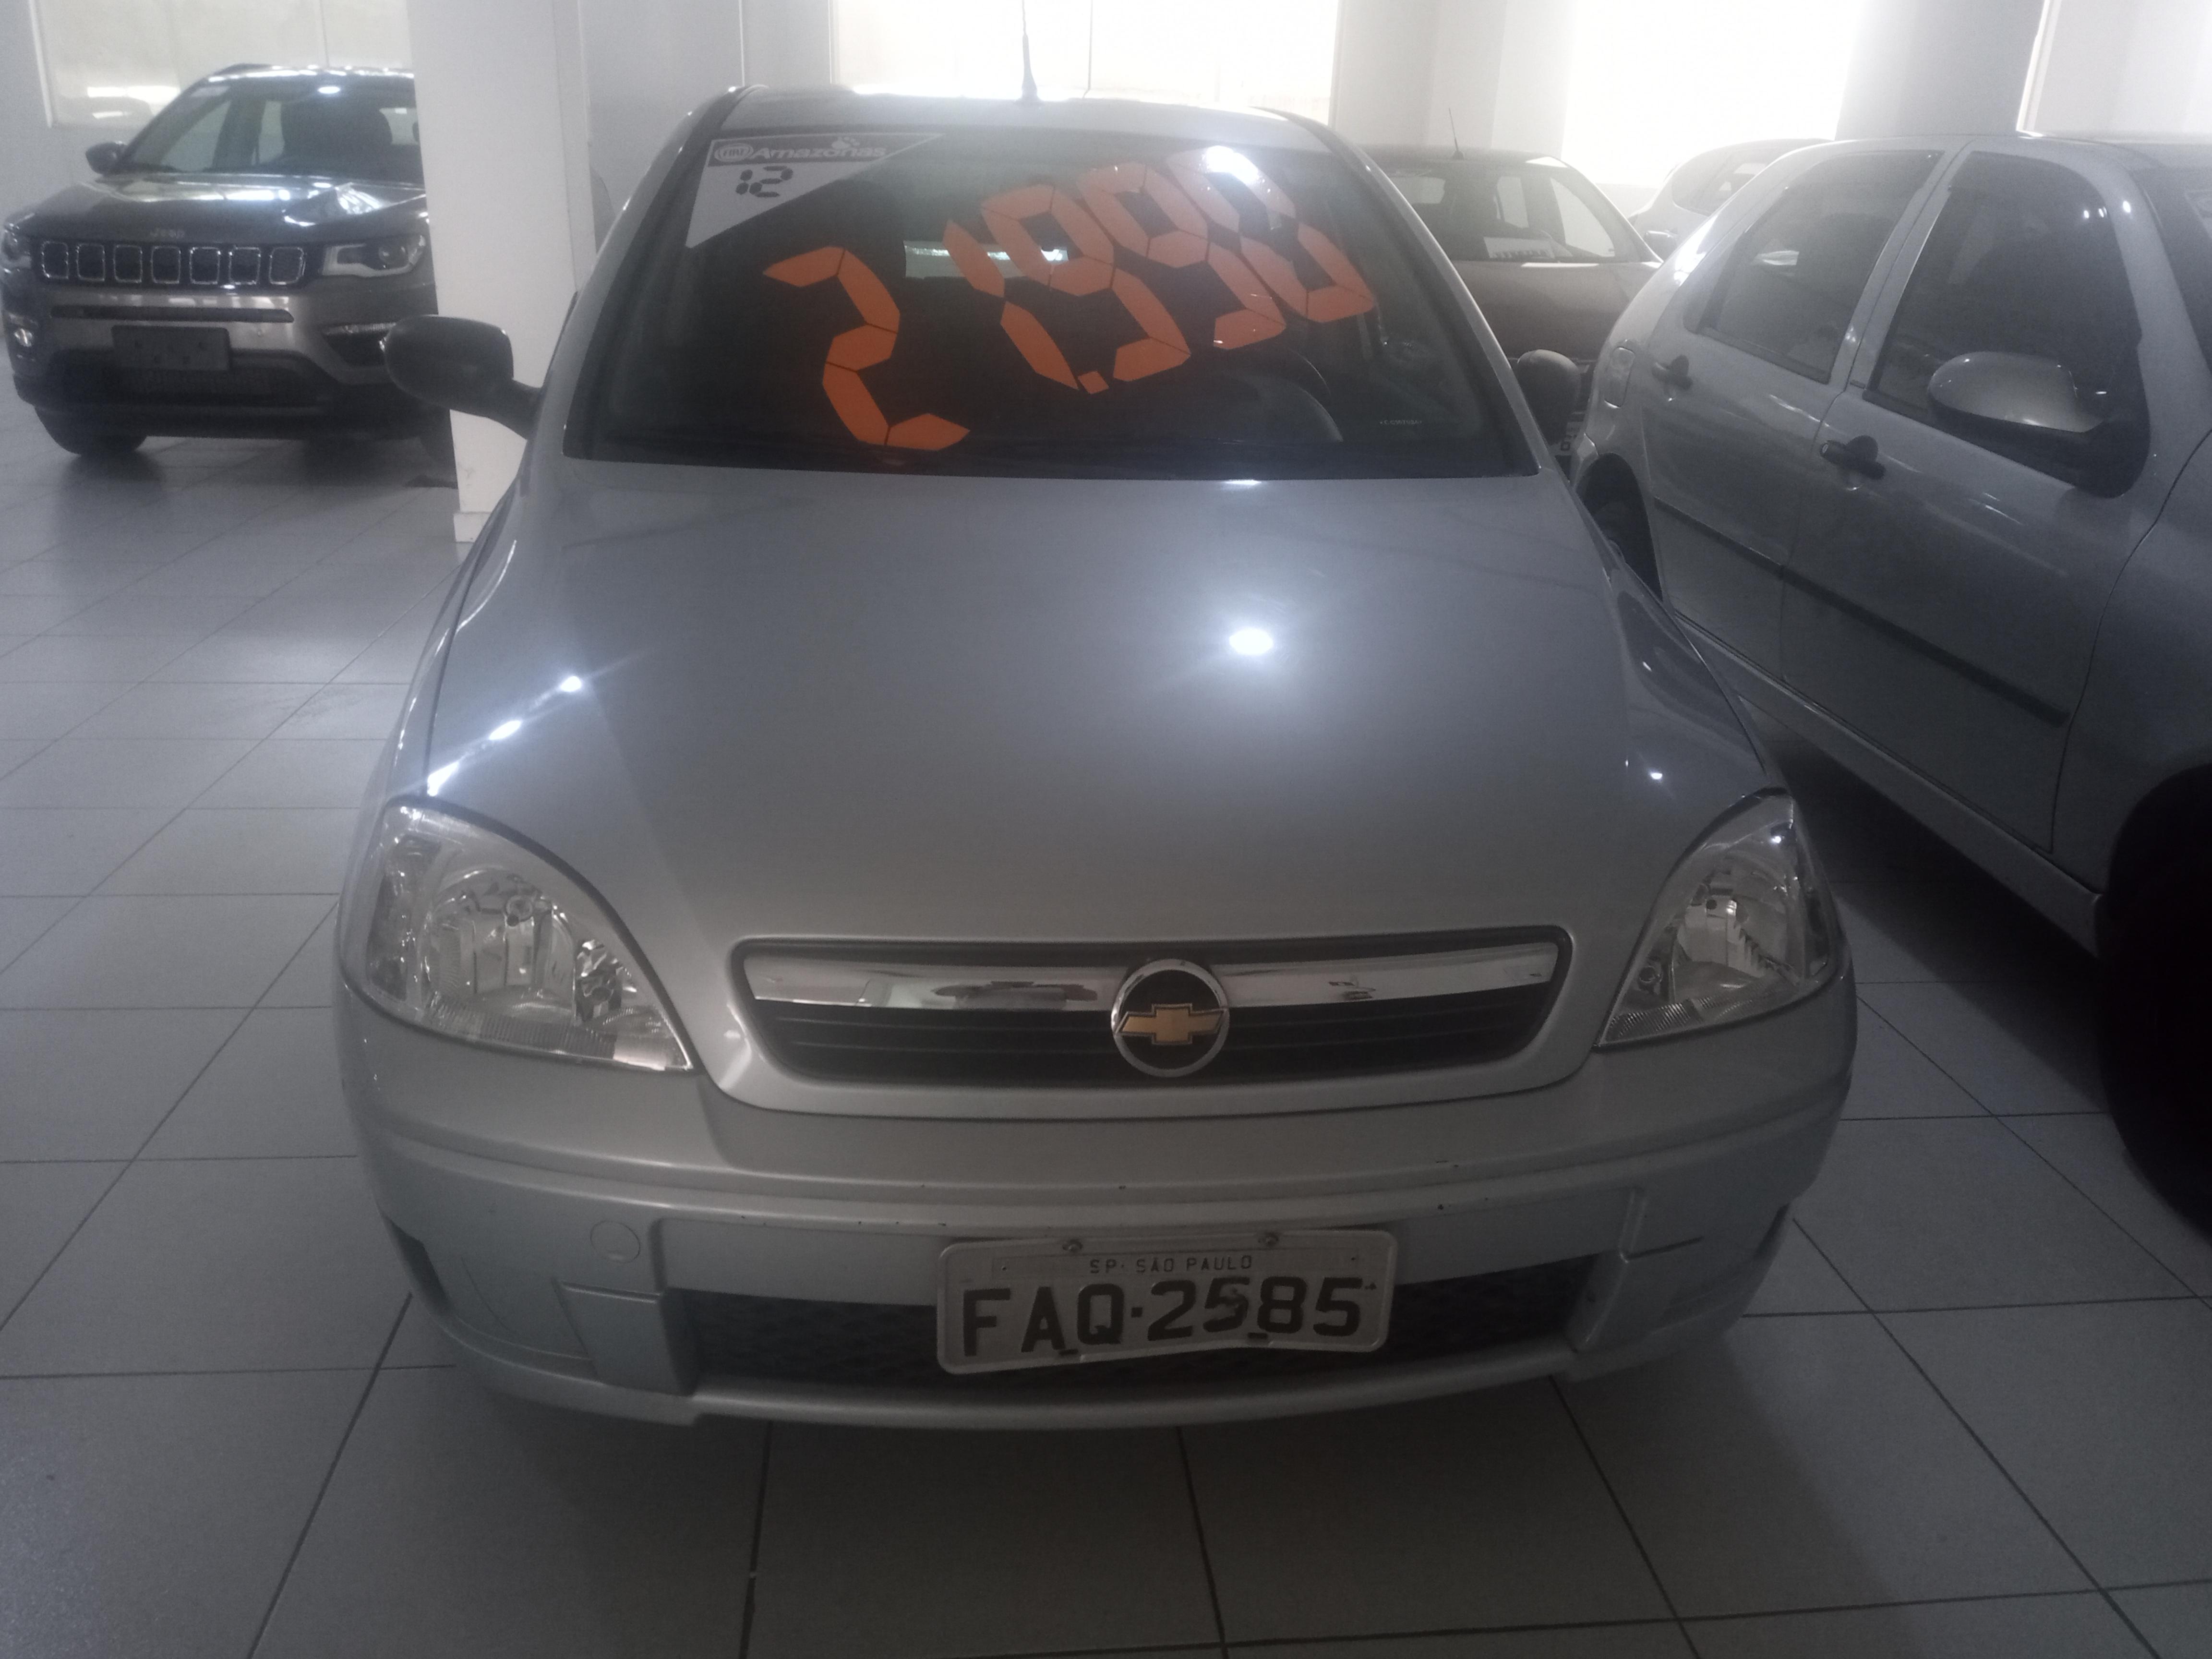 FIAT AMAZONAS AV.NAZARE,1070 IPIRANGA VENDEDOR MARCOS CEL/SAP 11-940006972...VEICULO COM LAUDO APROVADO E GARANTIA...